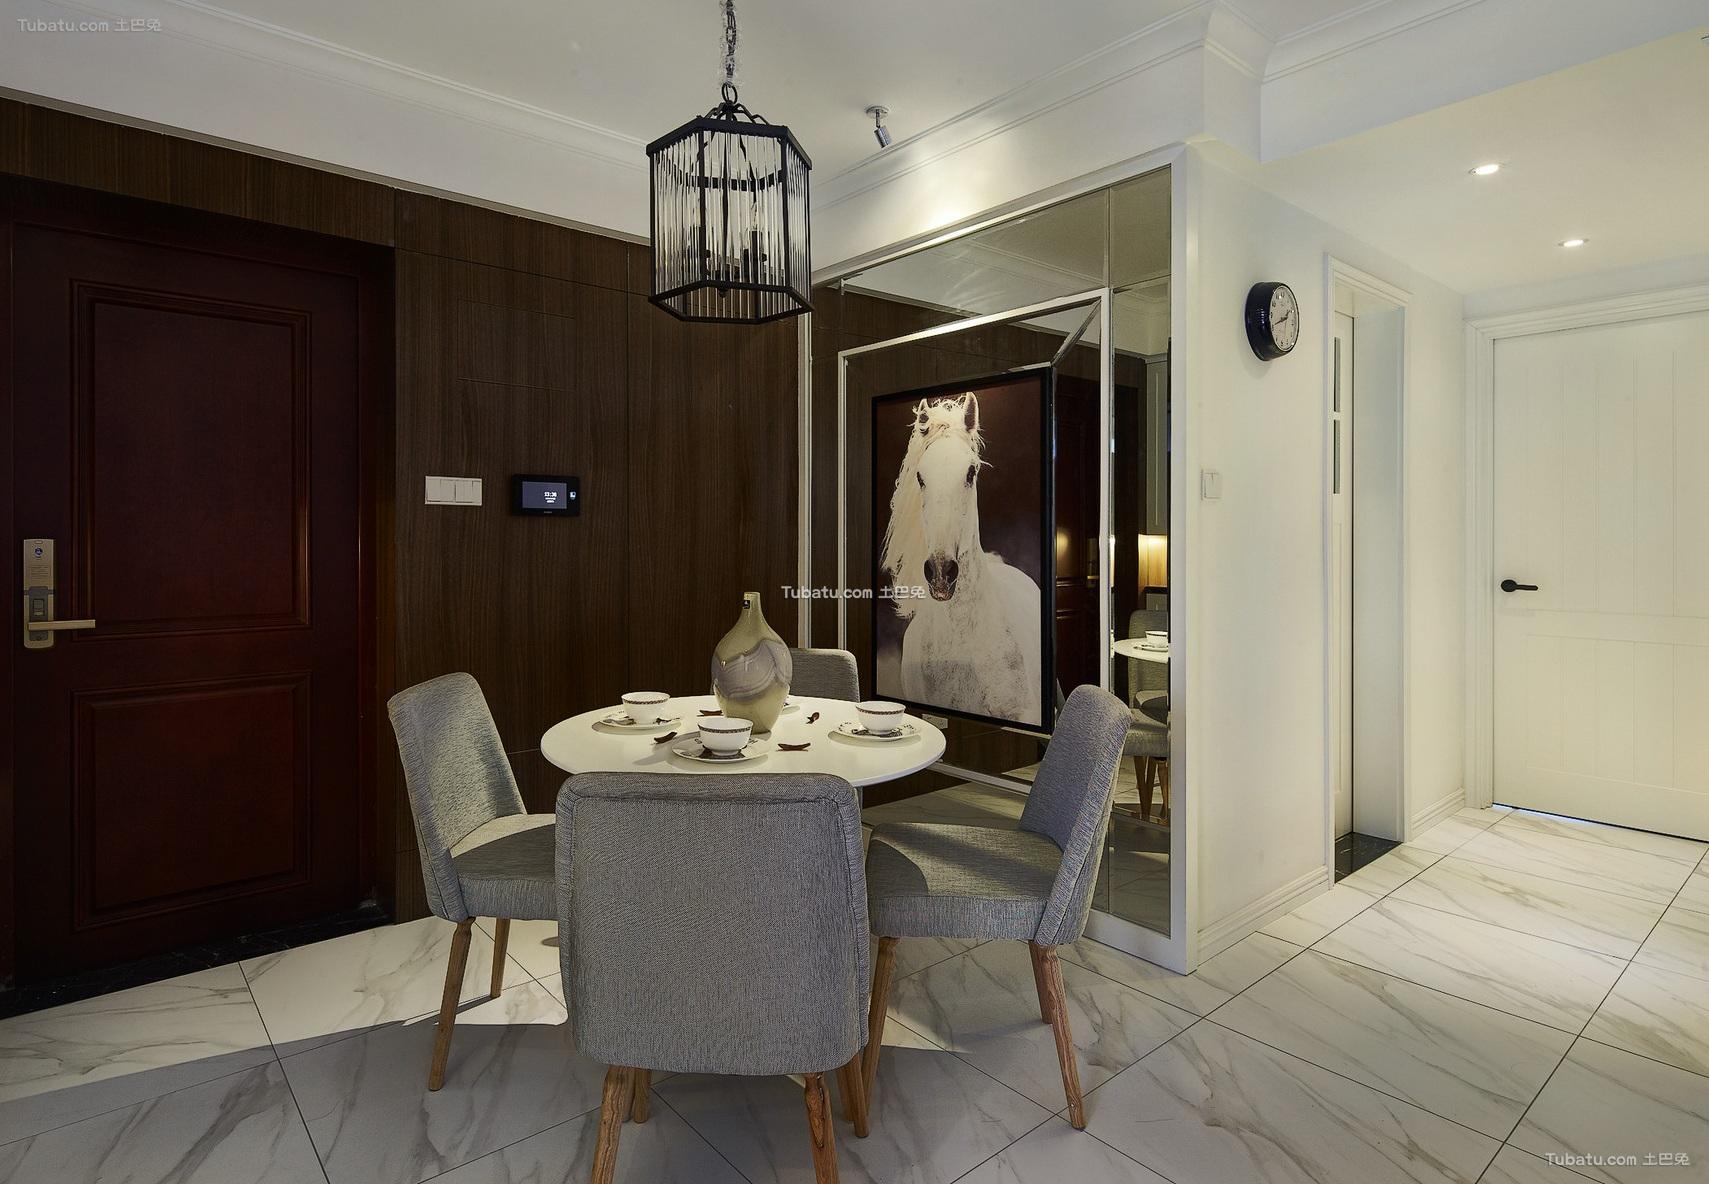 北欧风格家居餐厅装修设计效果图片